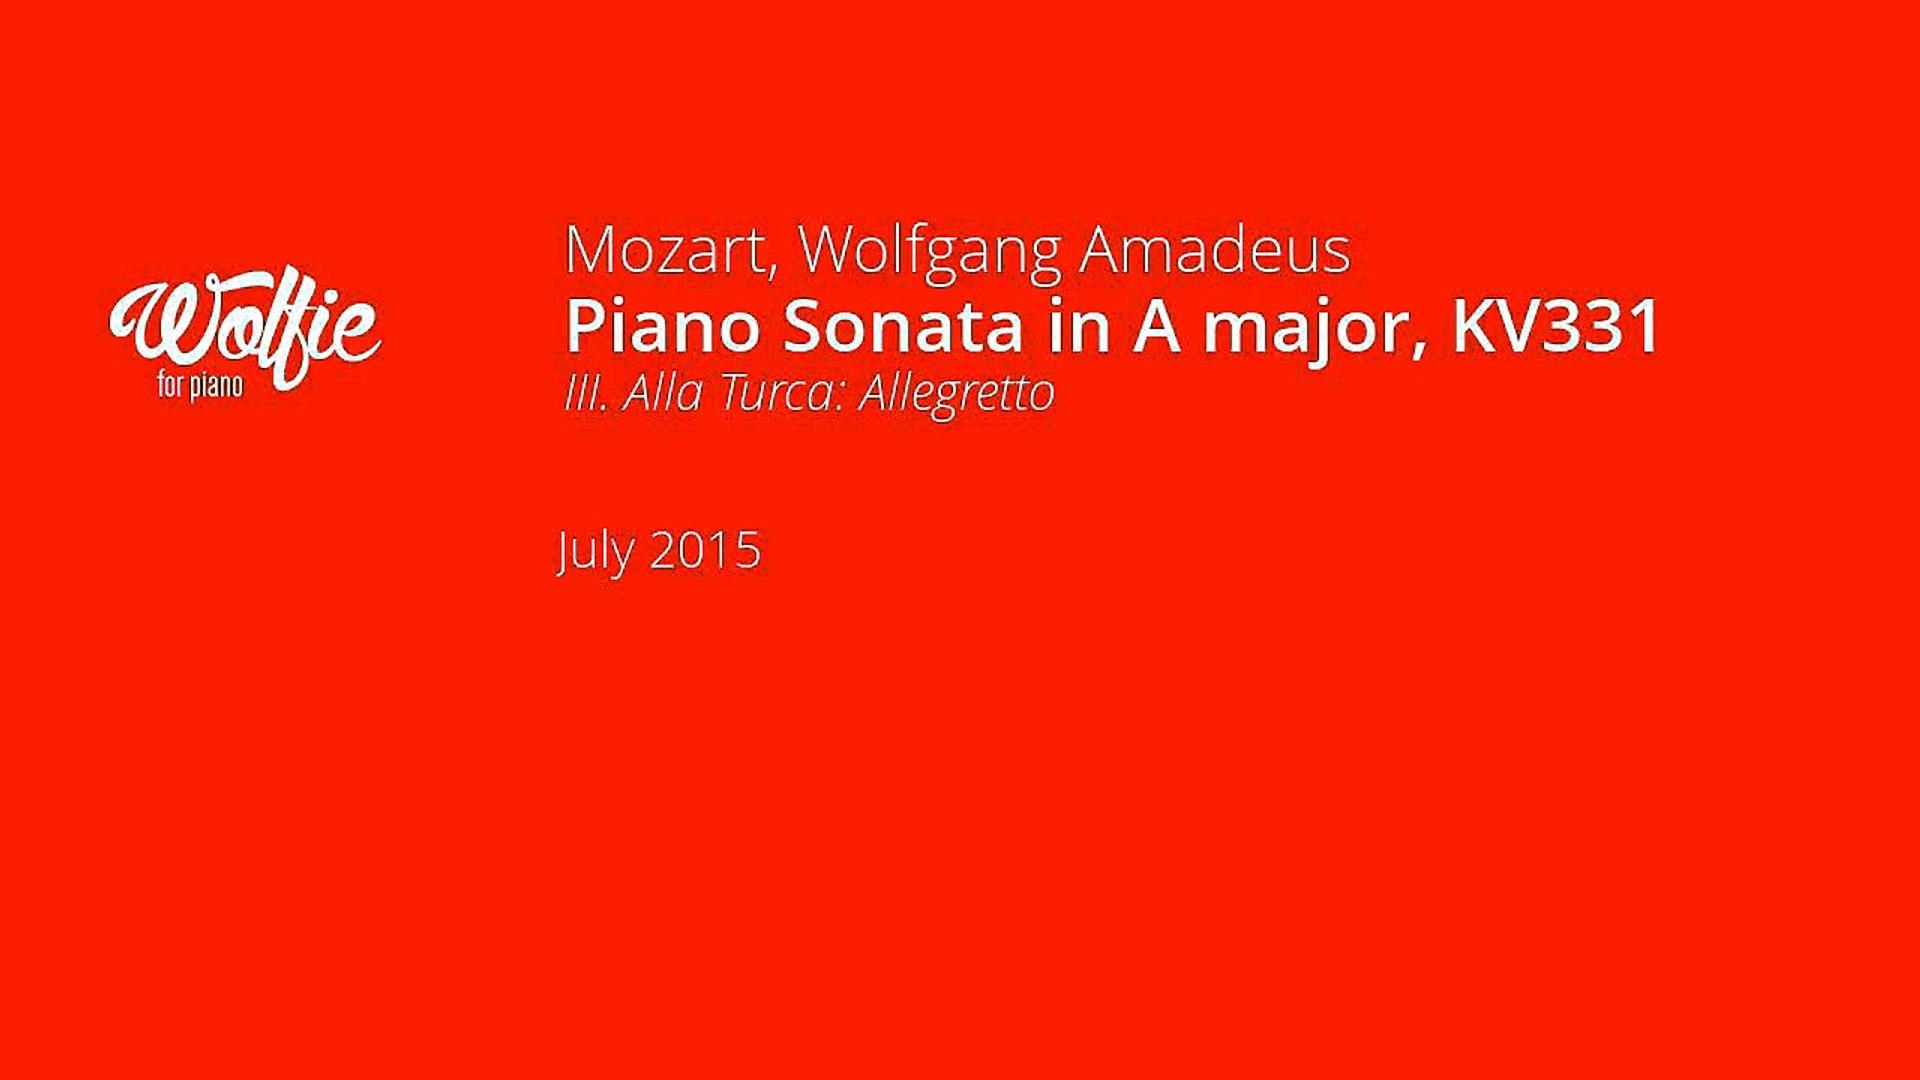 Alla Turca Mozart wolfie piano - wolfgang amadeus mozart - piano sonata in a major, kv331,  iii. alla turca: allegretto